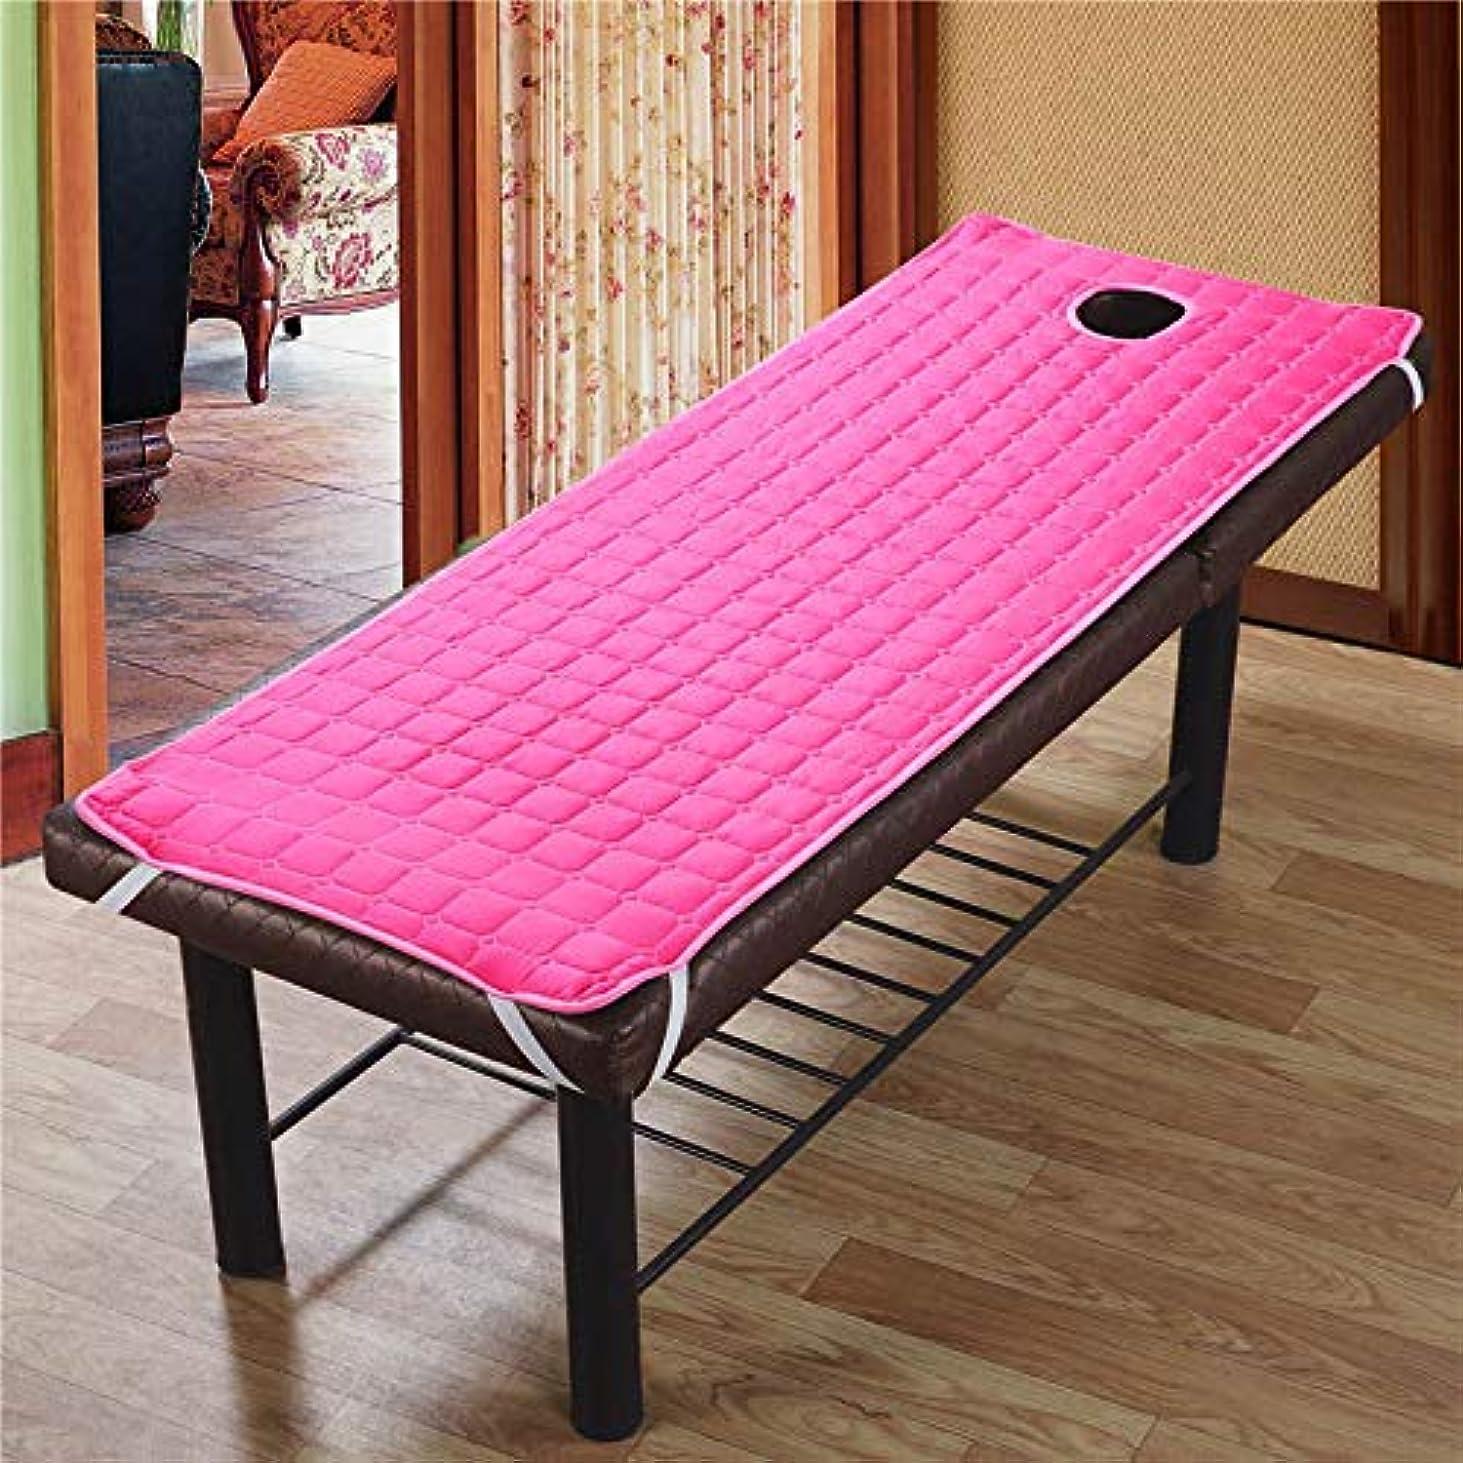 反対改修権限JanusSaja 美容院のマッサージ療法のベッドのための滑り止めのSoliod色の長方形のマットレス